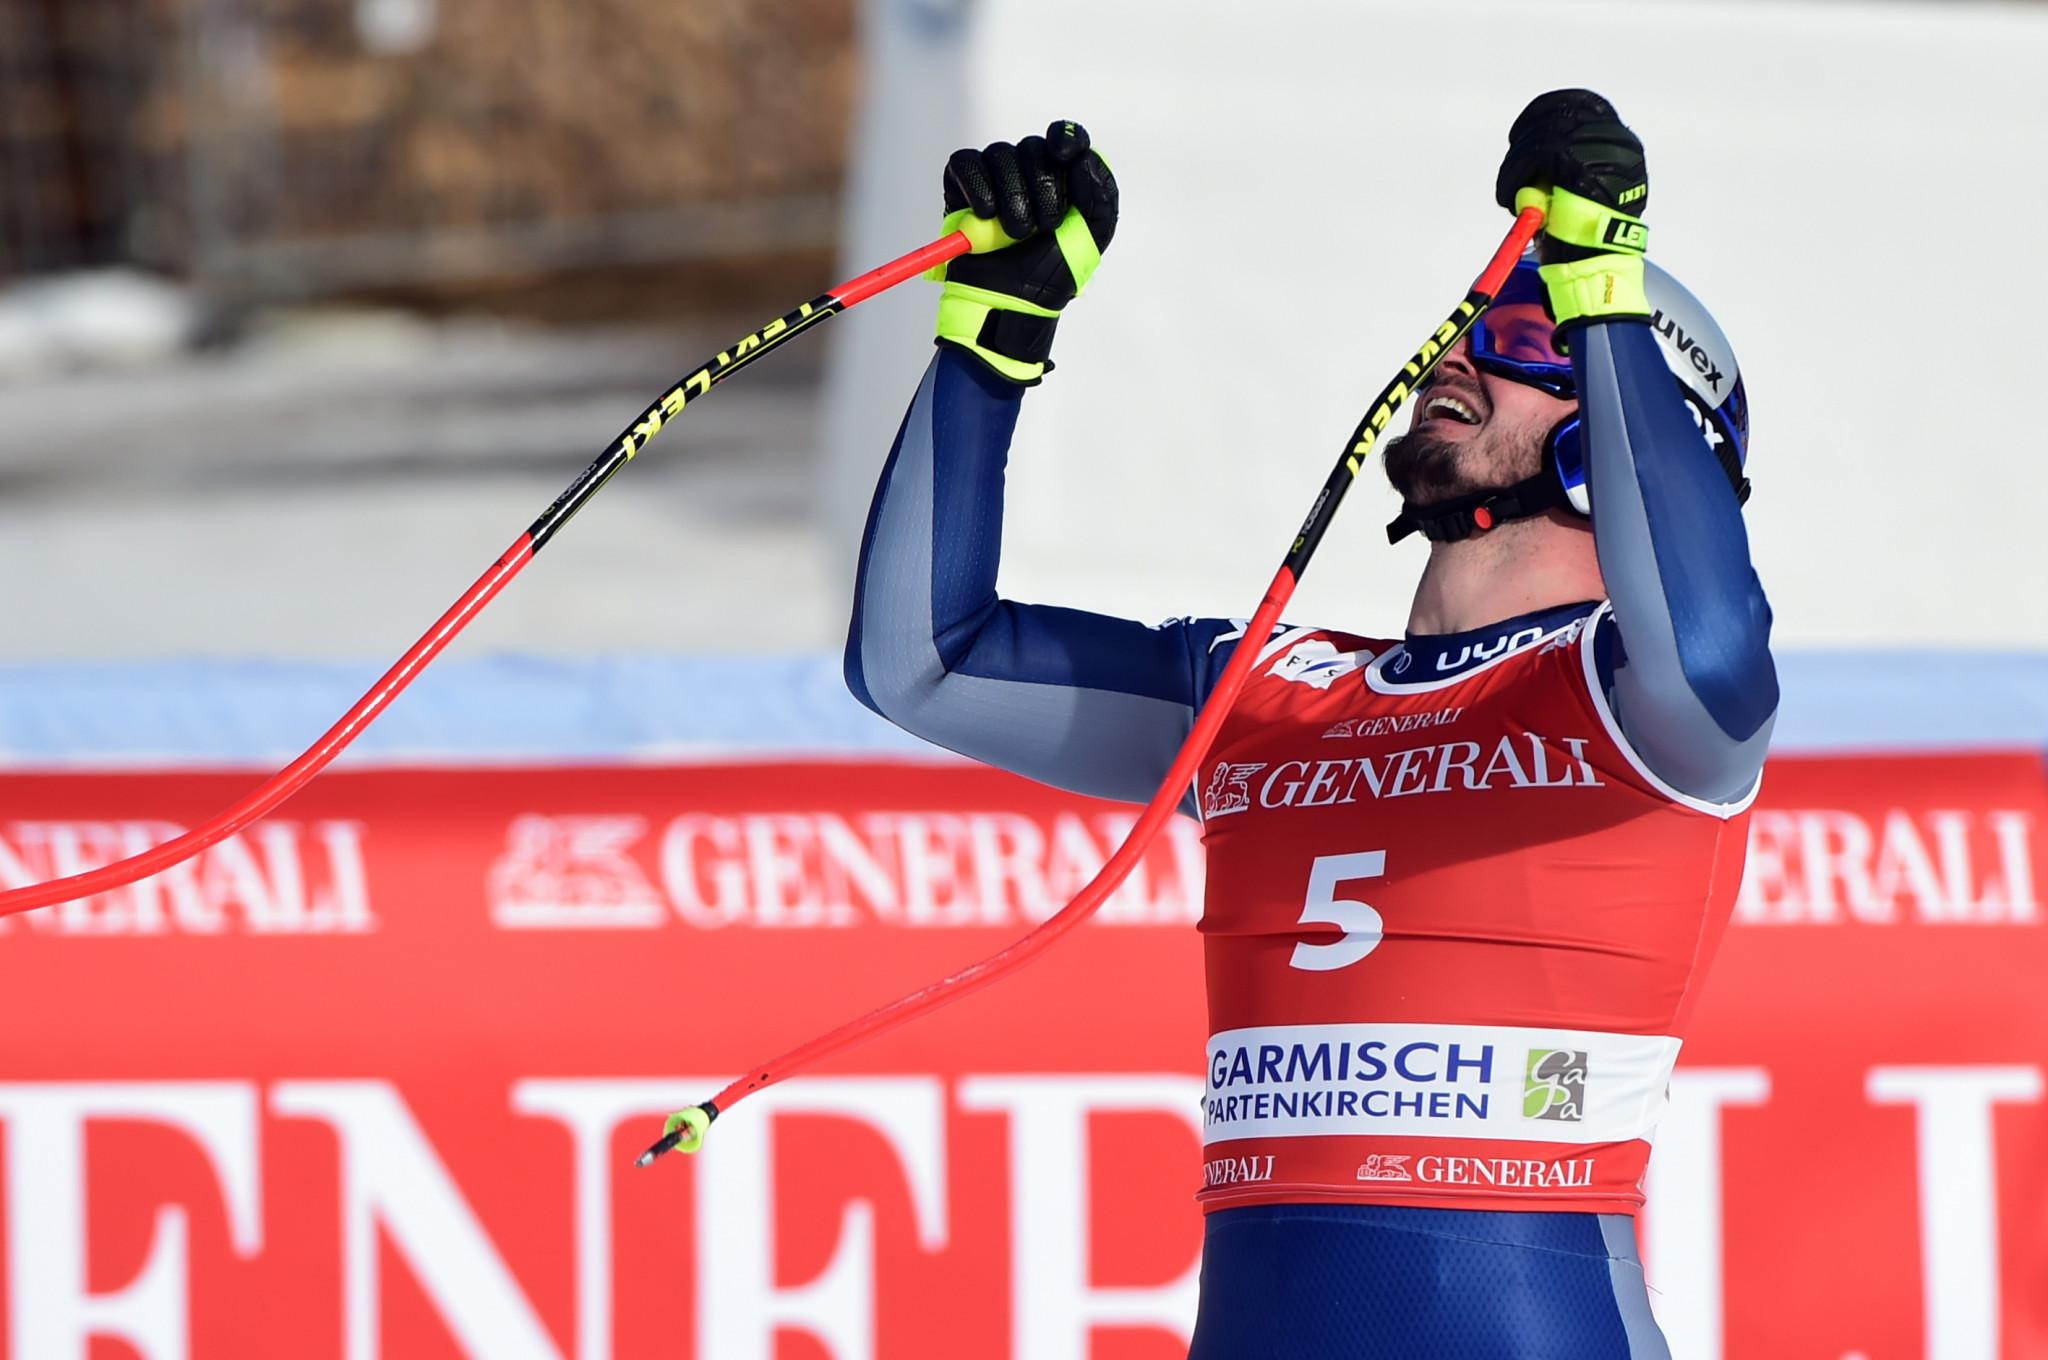 Paris wins Garmisch-Partenkirchen downhill prior to Alpine World Ski Championships